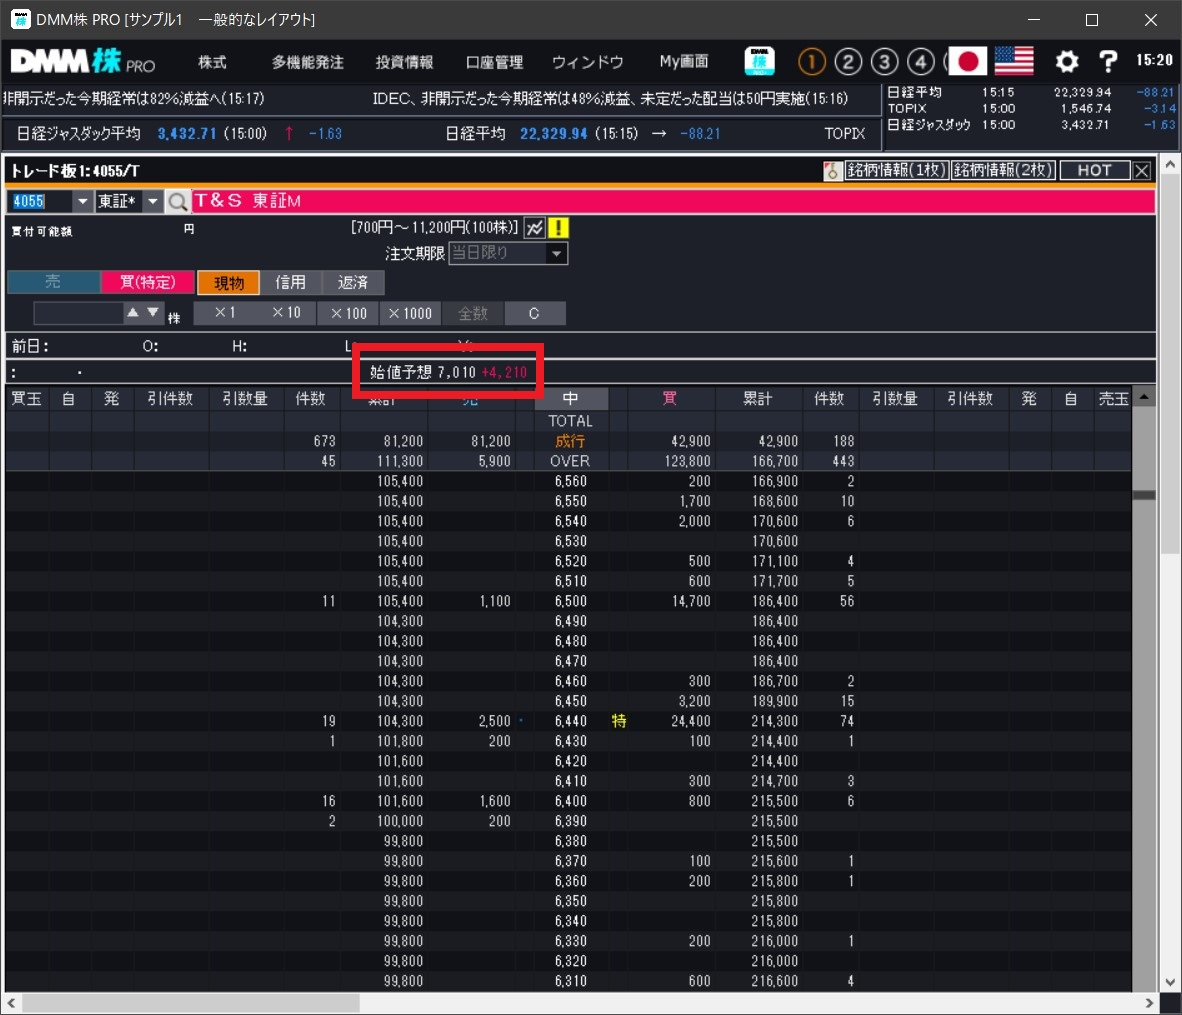 ティアンドエス(4055)IPOフル板DMM株